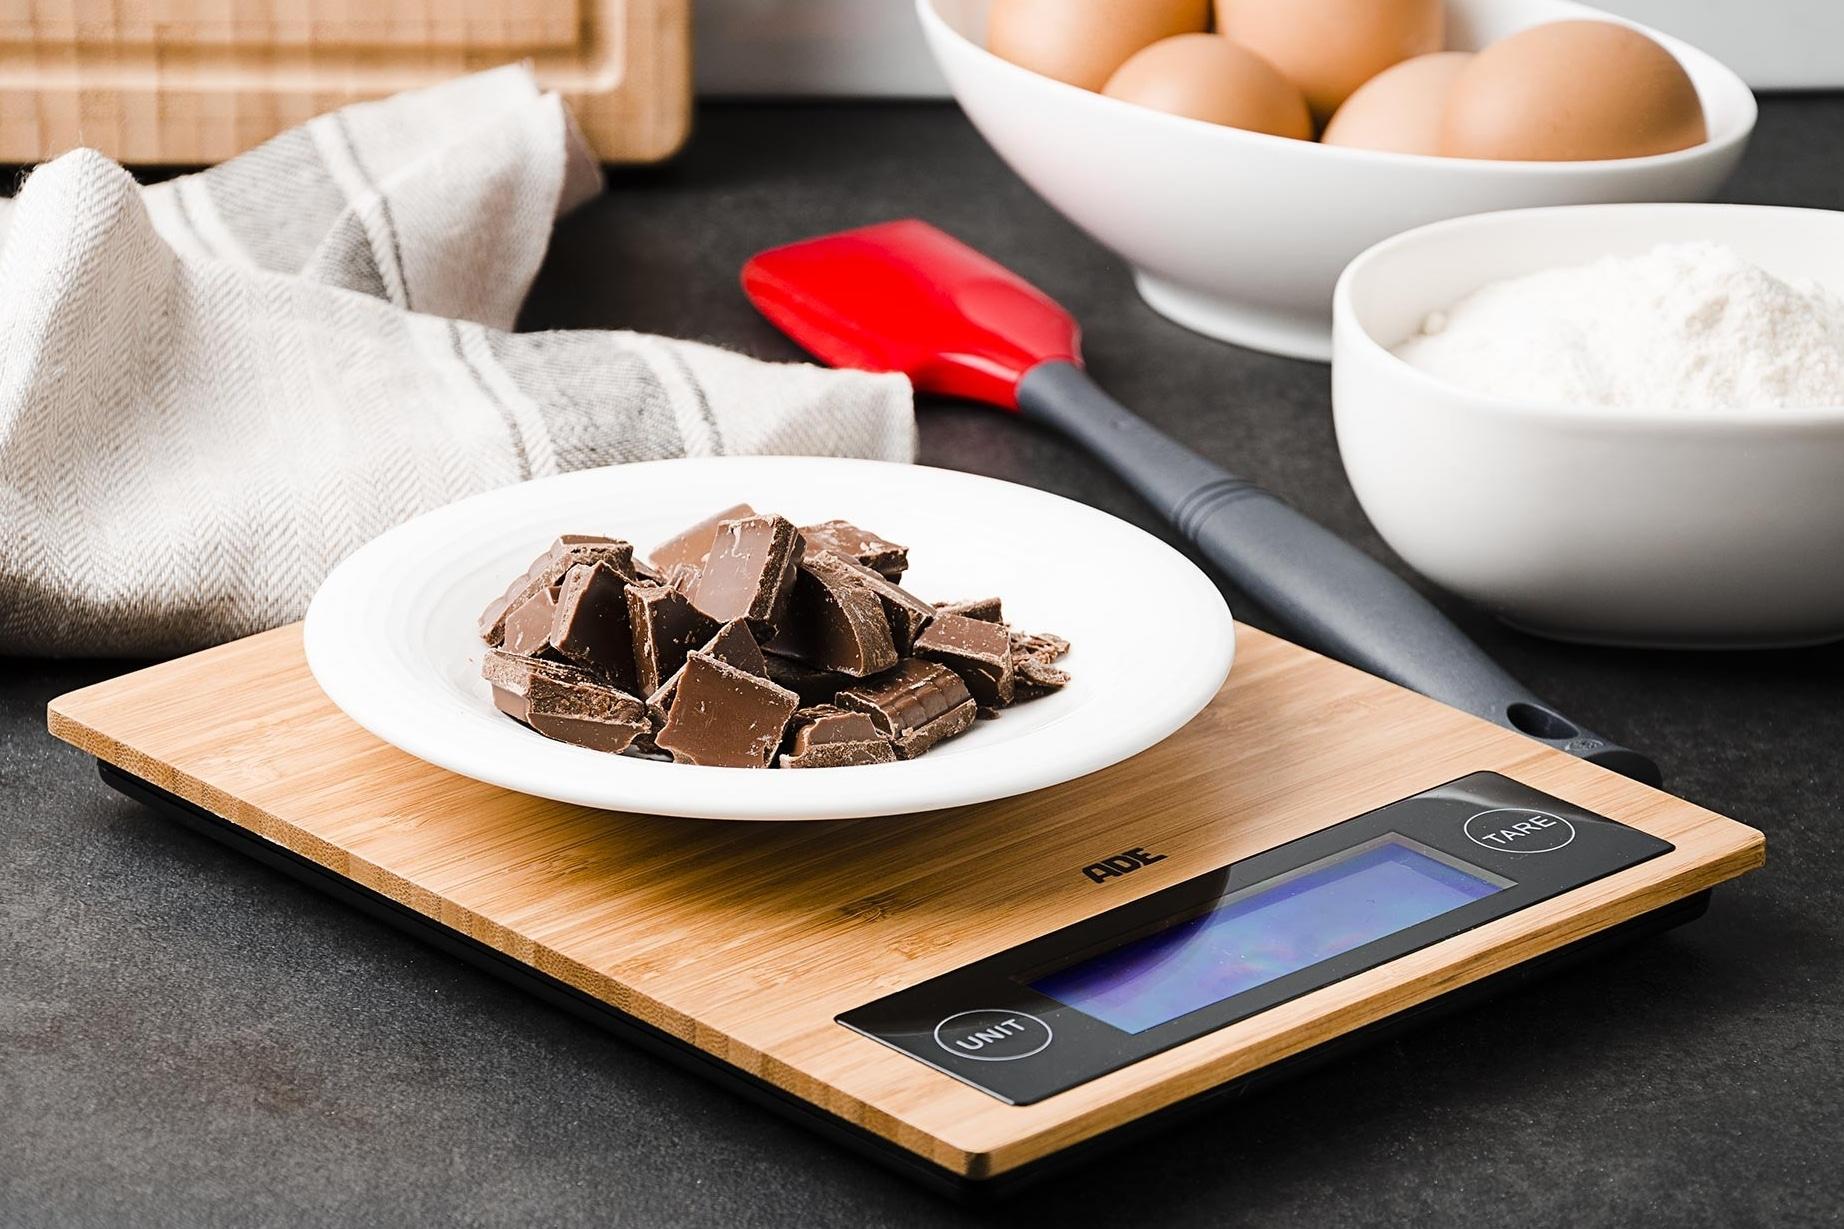 Quelle est la meilleure balance cuisine quebellissimo - Meilleure balance cuisine ...